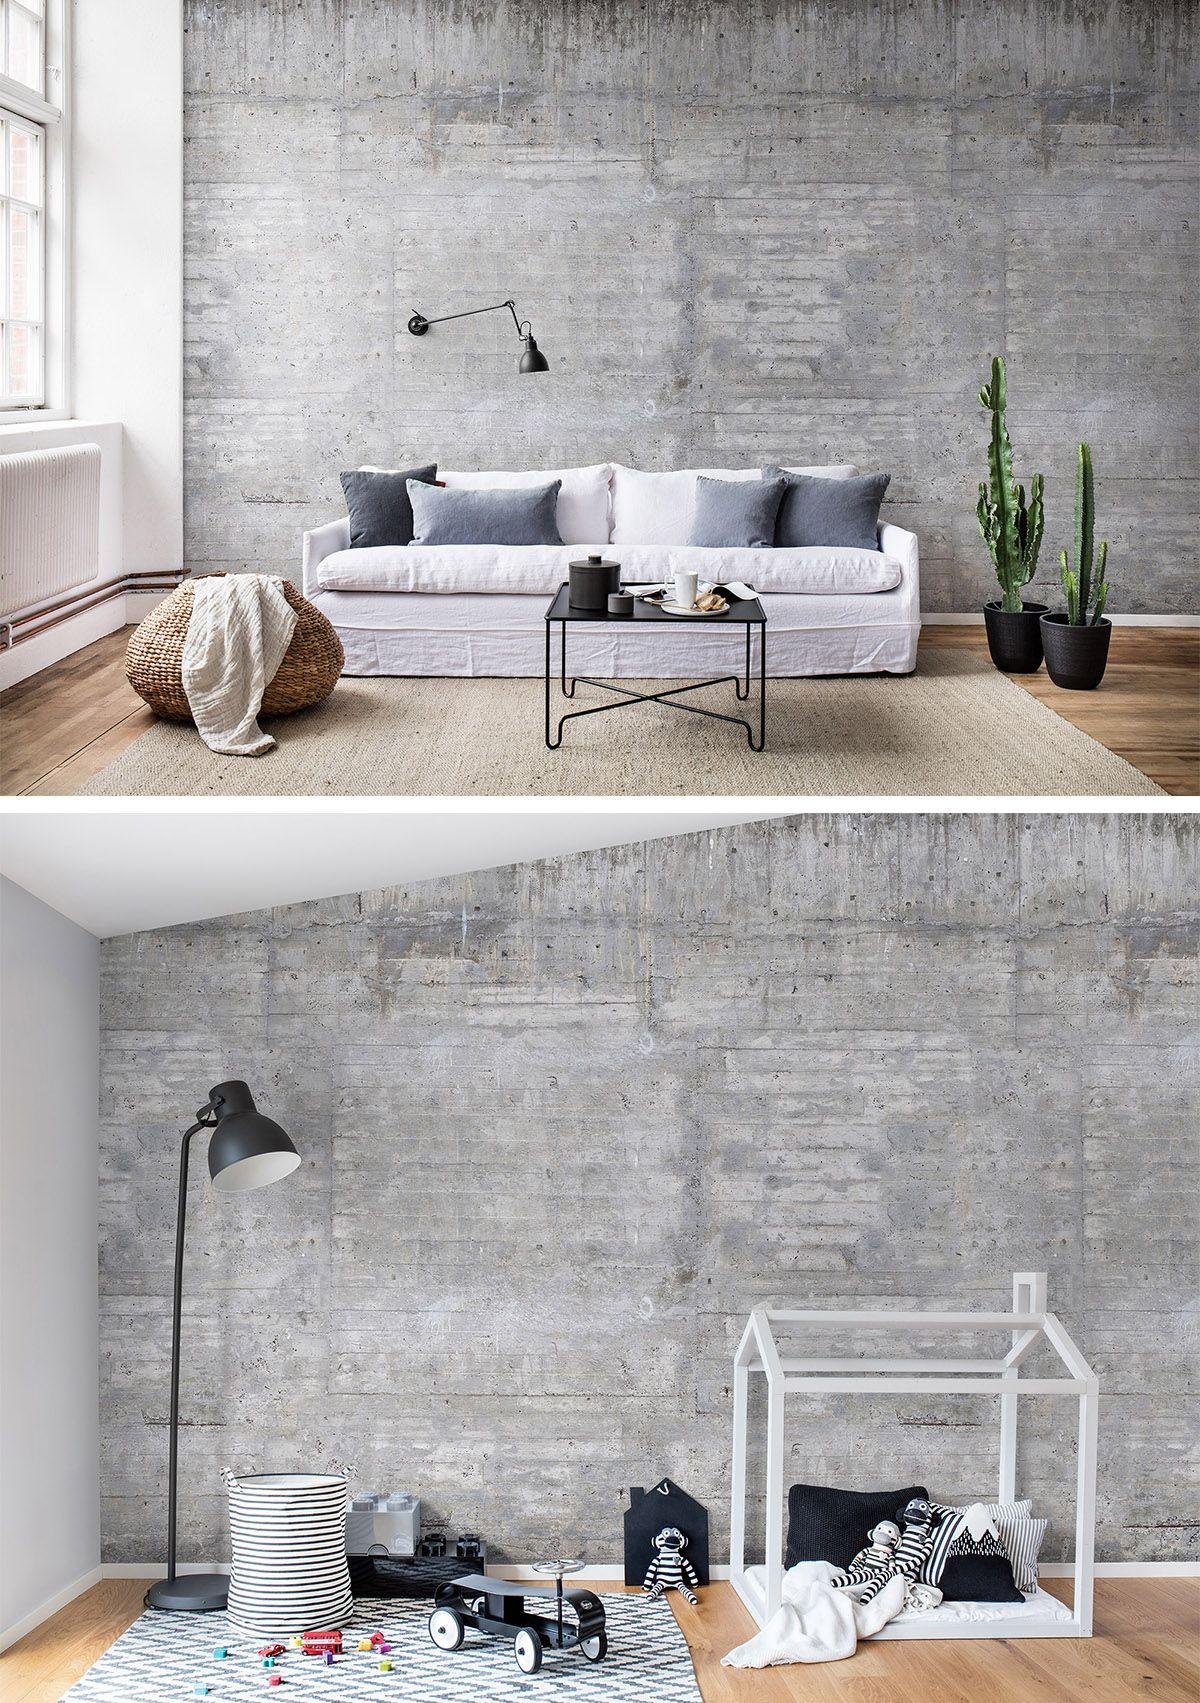 Wooden Concrete Wandgestaltung Tapete Tapete Wohnzimmer Ziegel Tapete